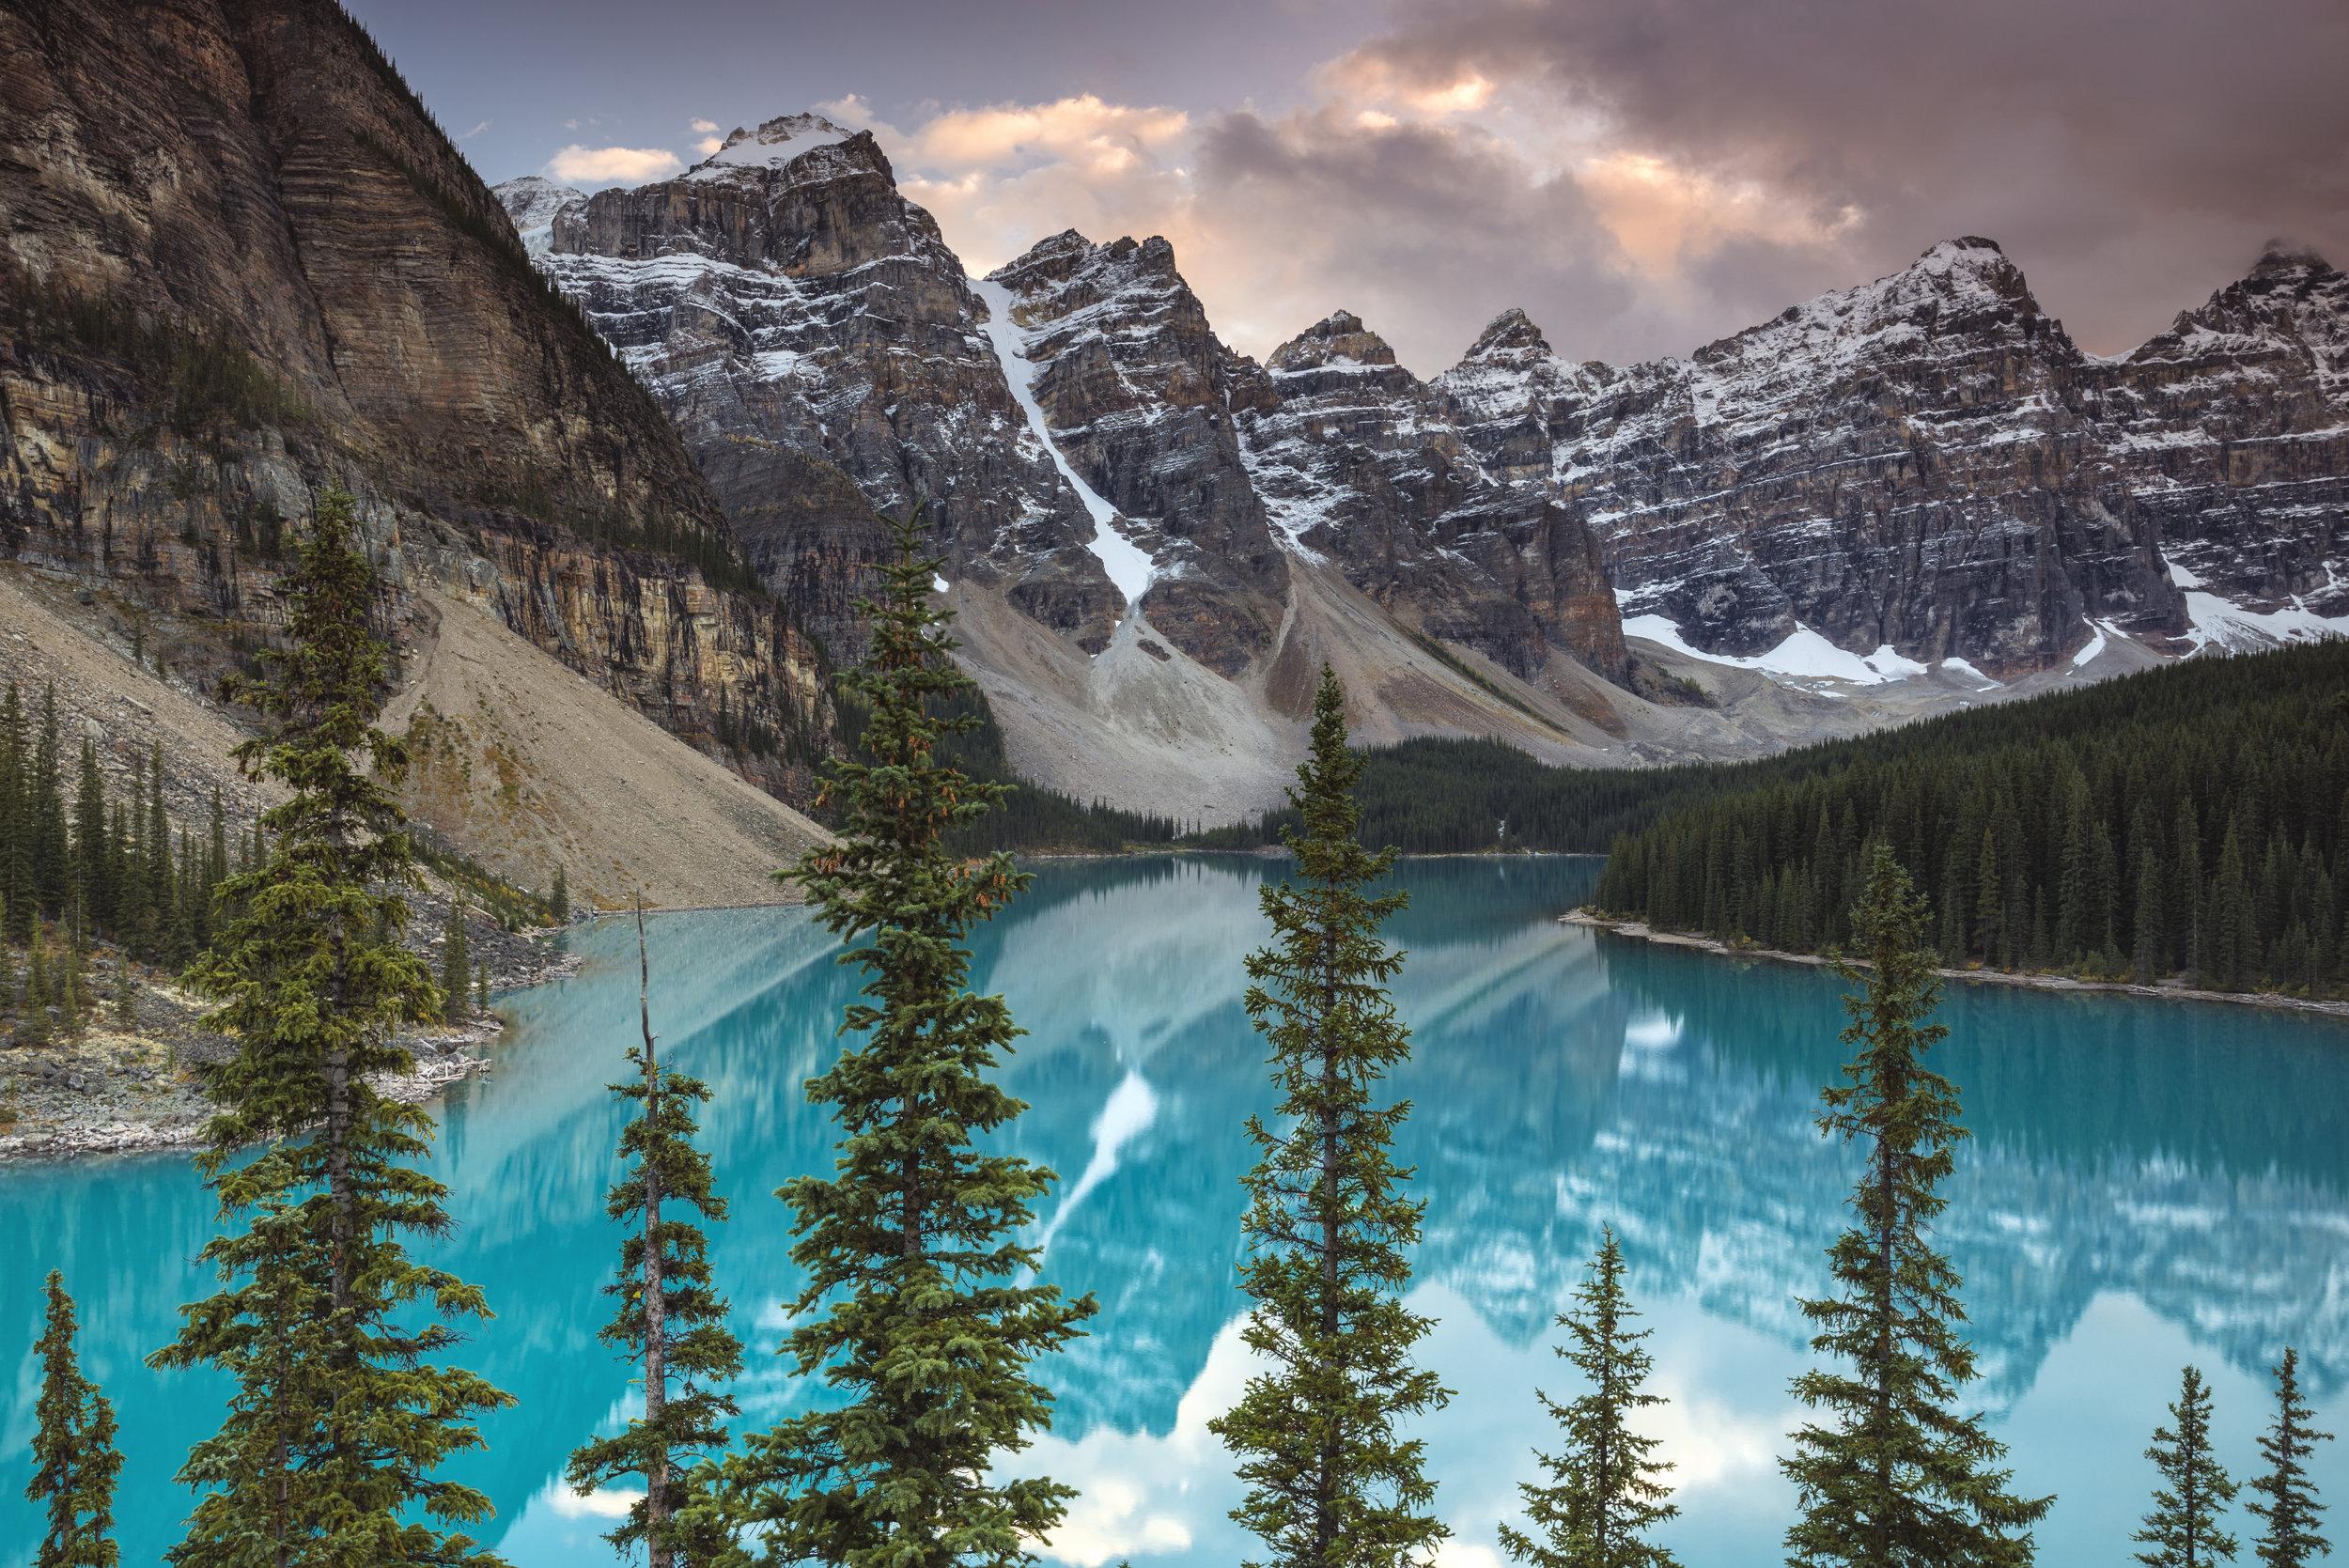 Moraine Lake Sunset, Banff National Park